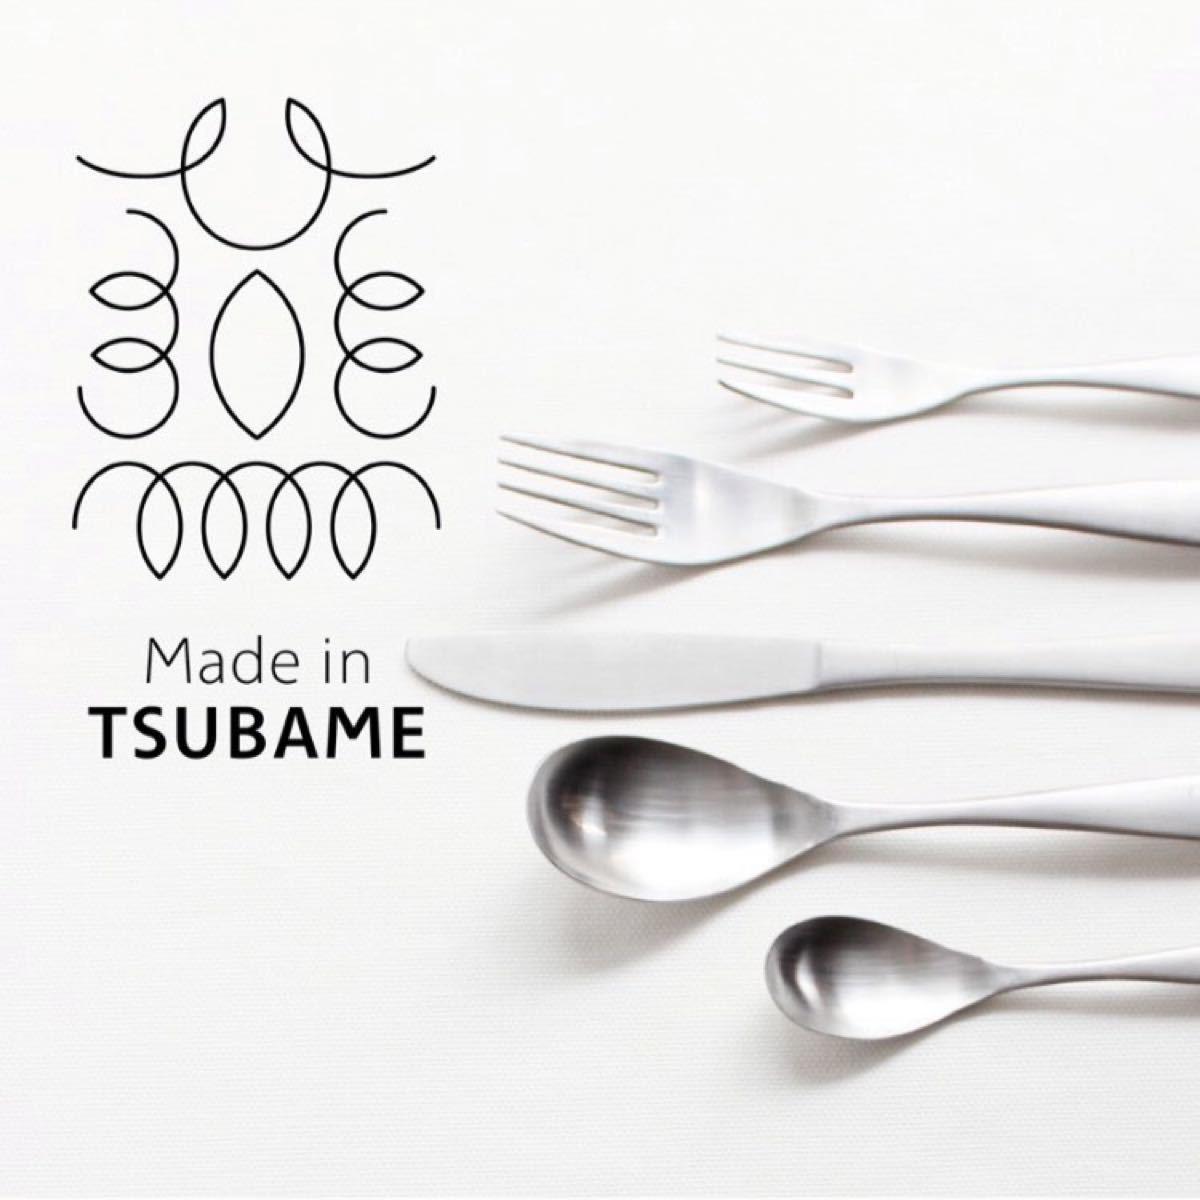 ツバメカトラリー 7点セット フォーク大&ナイフ&スプーン大&おろし金 新品未使用 made in tsubame 燕